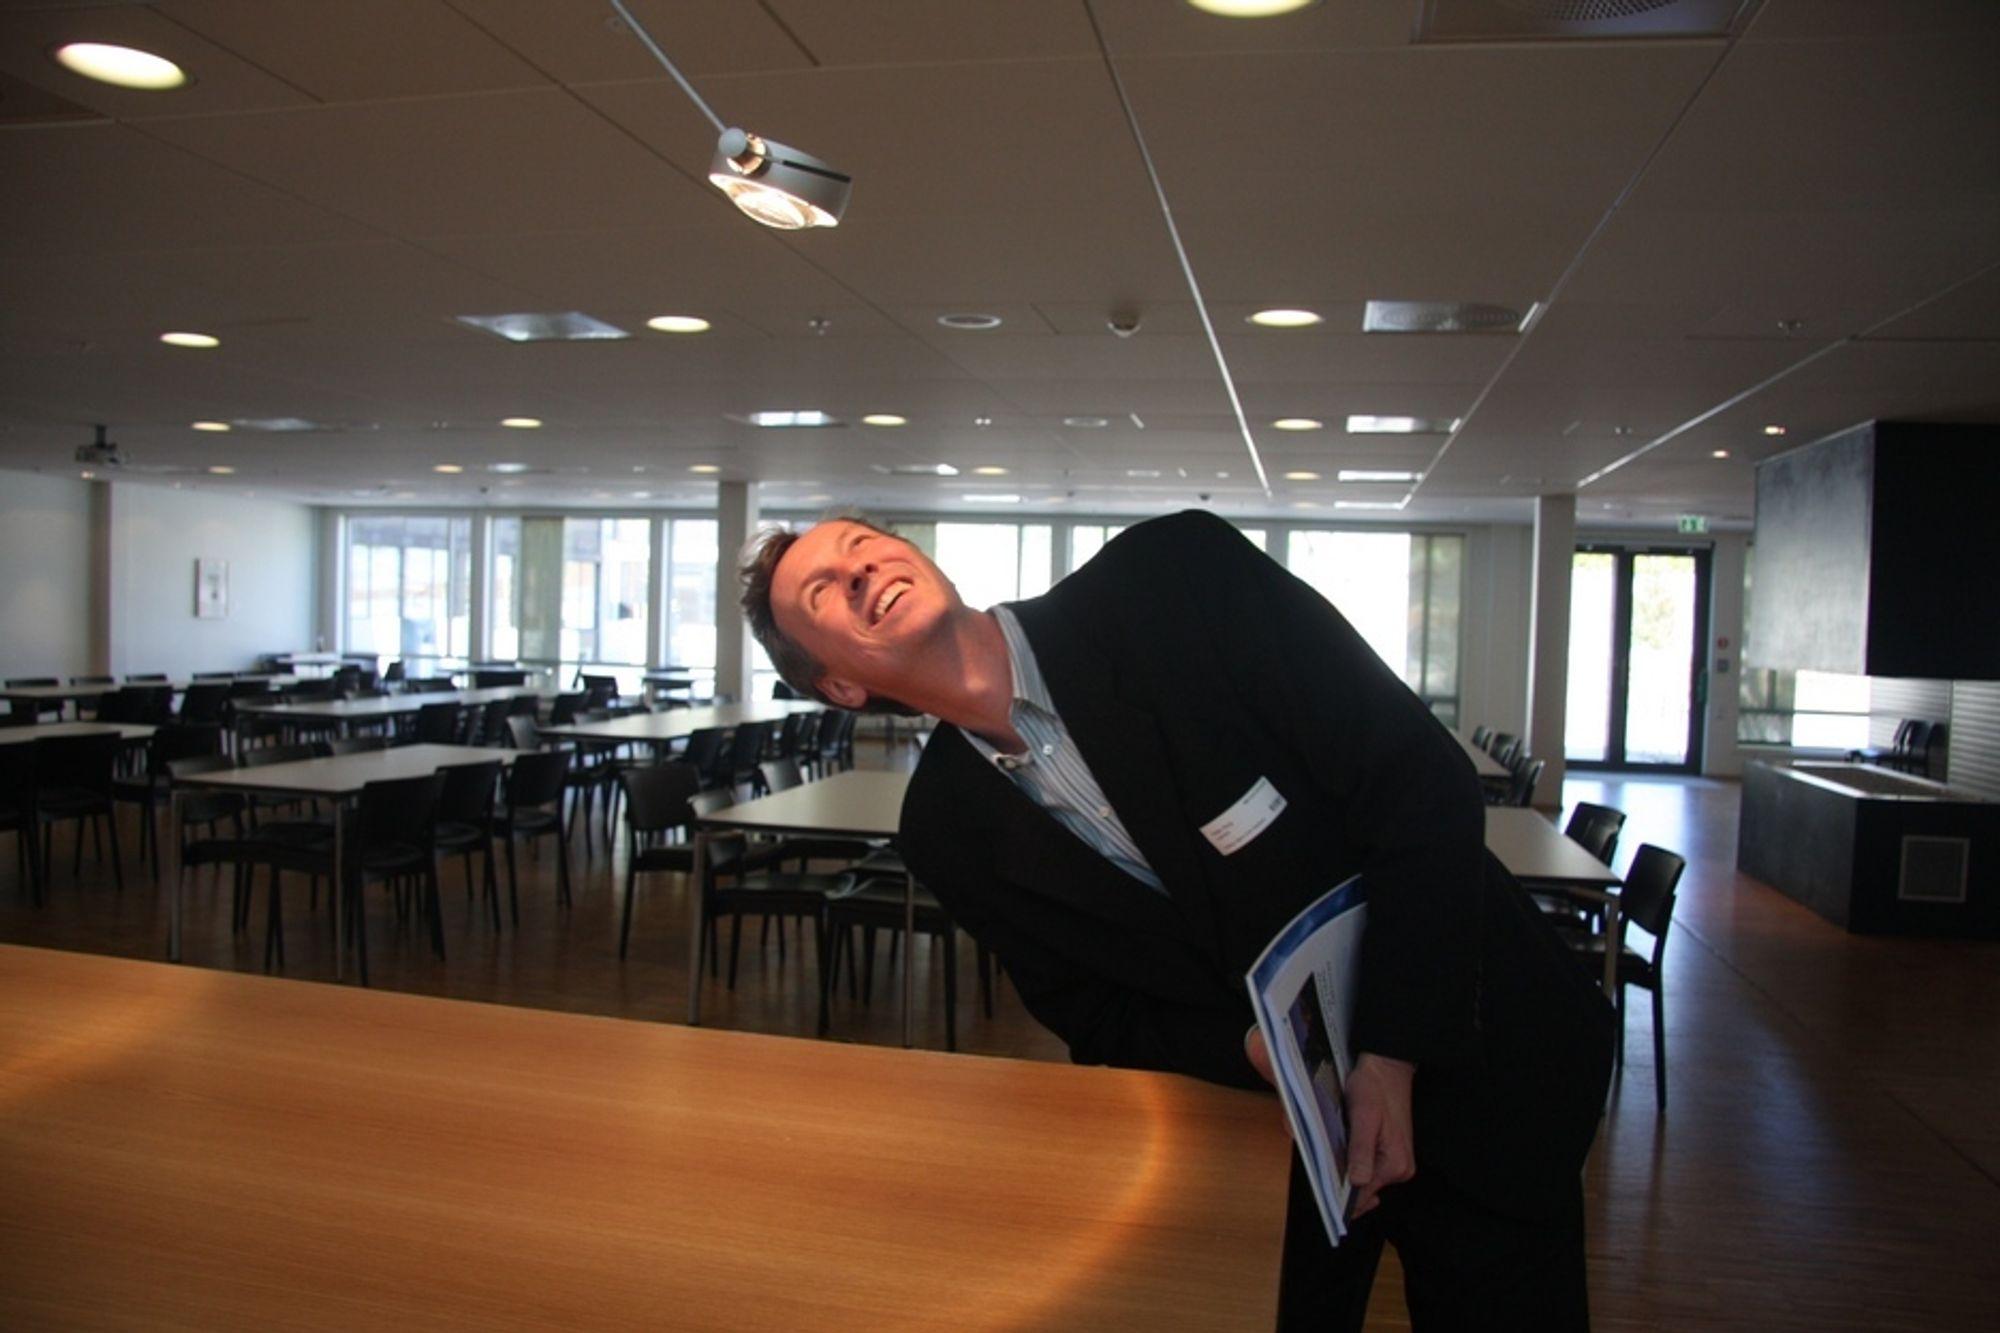 NYSGJERRIG: - Man får kink i nakken av å jobbe i Lyskultur, smiler adm. direktør i Lyskultur, Petter N. Haug. Her i kantineområdet.